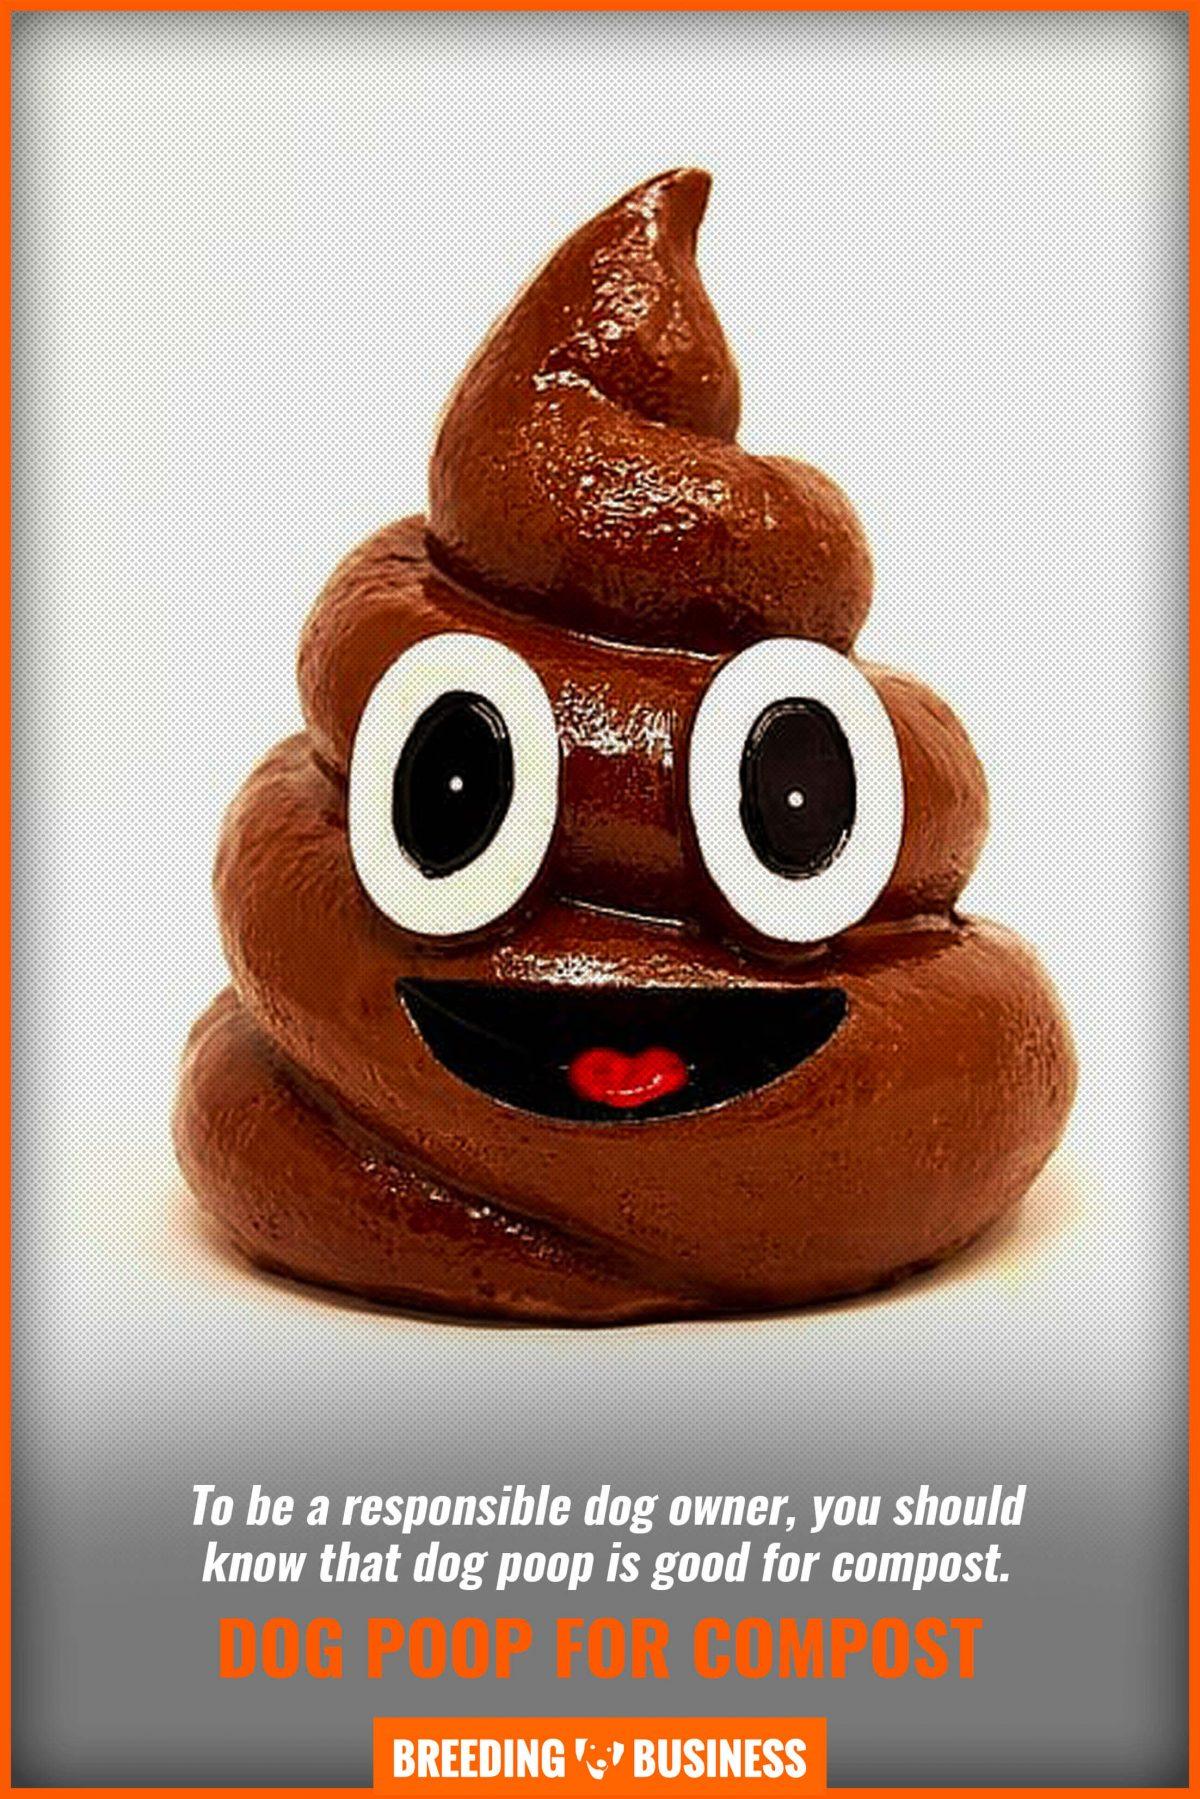 dog poop for compost